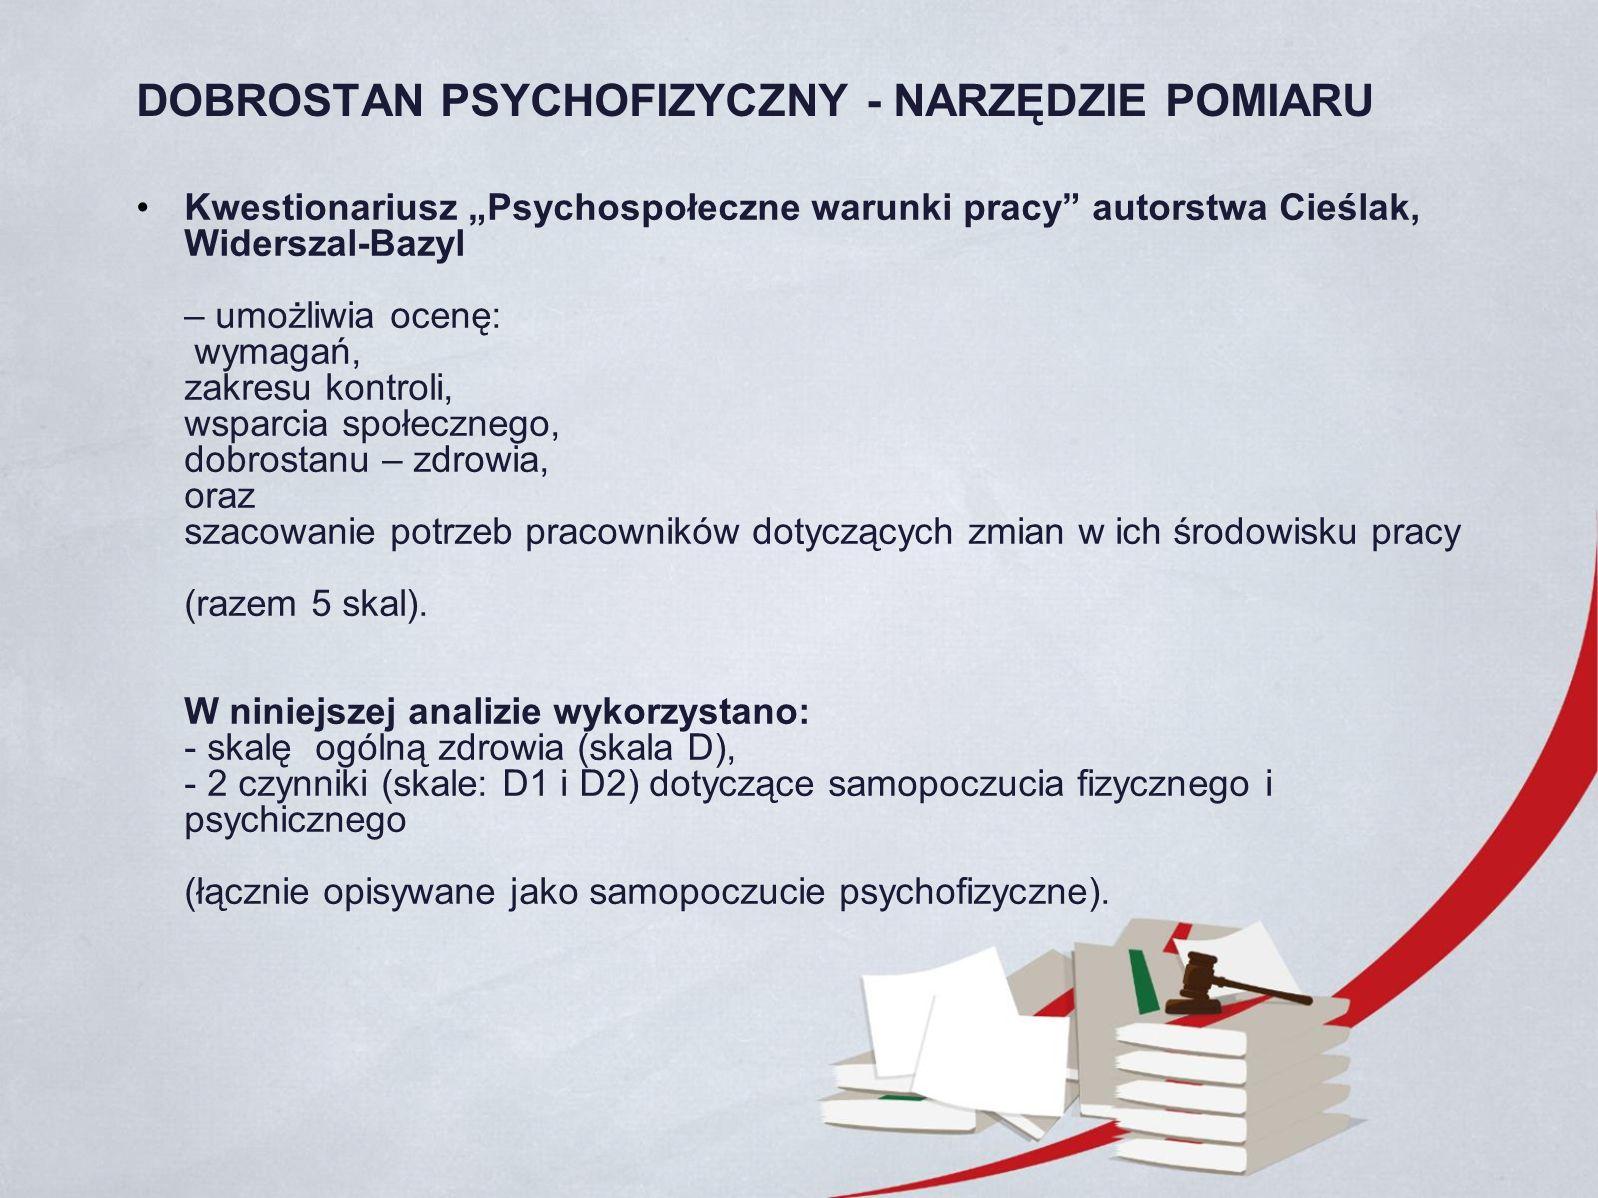 """Kwestionariusz """"Psychospołeczne warunki pracy autorstwa Cieślak, Widerszal-Bazyl – umożliwia ocenę: wymagań, zakresu kontroli, wsparcia społecznego, dobrostanu – zdrowia, oraz szacowanie potrzeb pracowników dotyczących zmian w ich środowisku pracy (razem 5 skal)."""